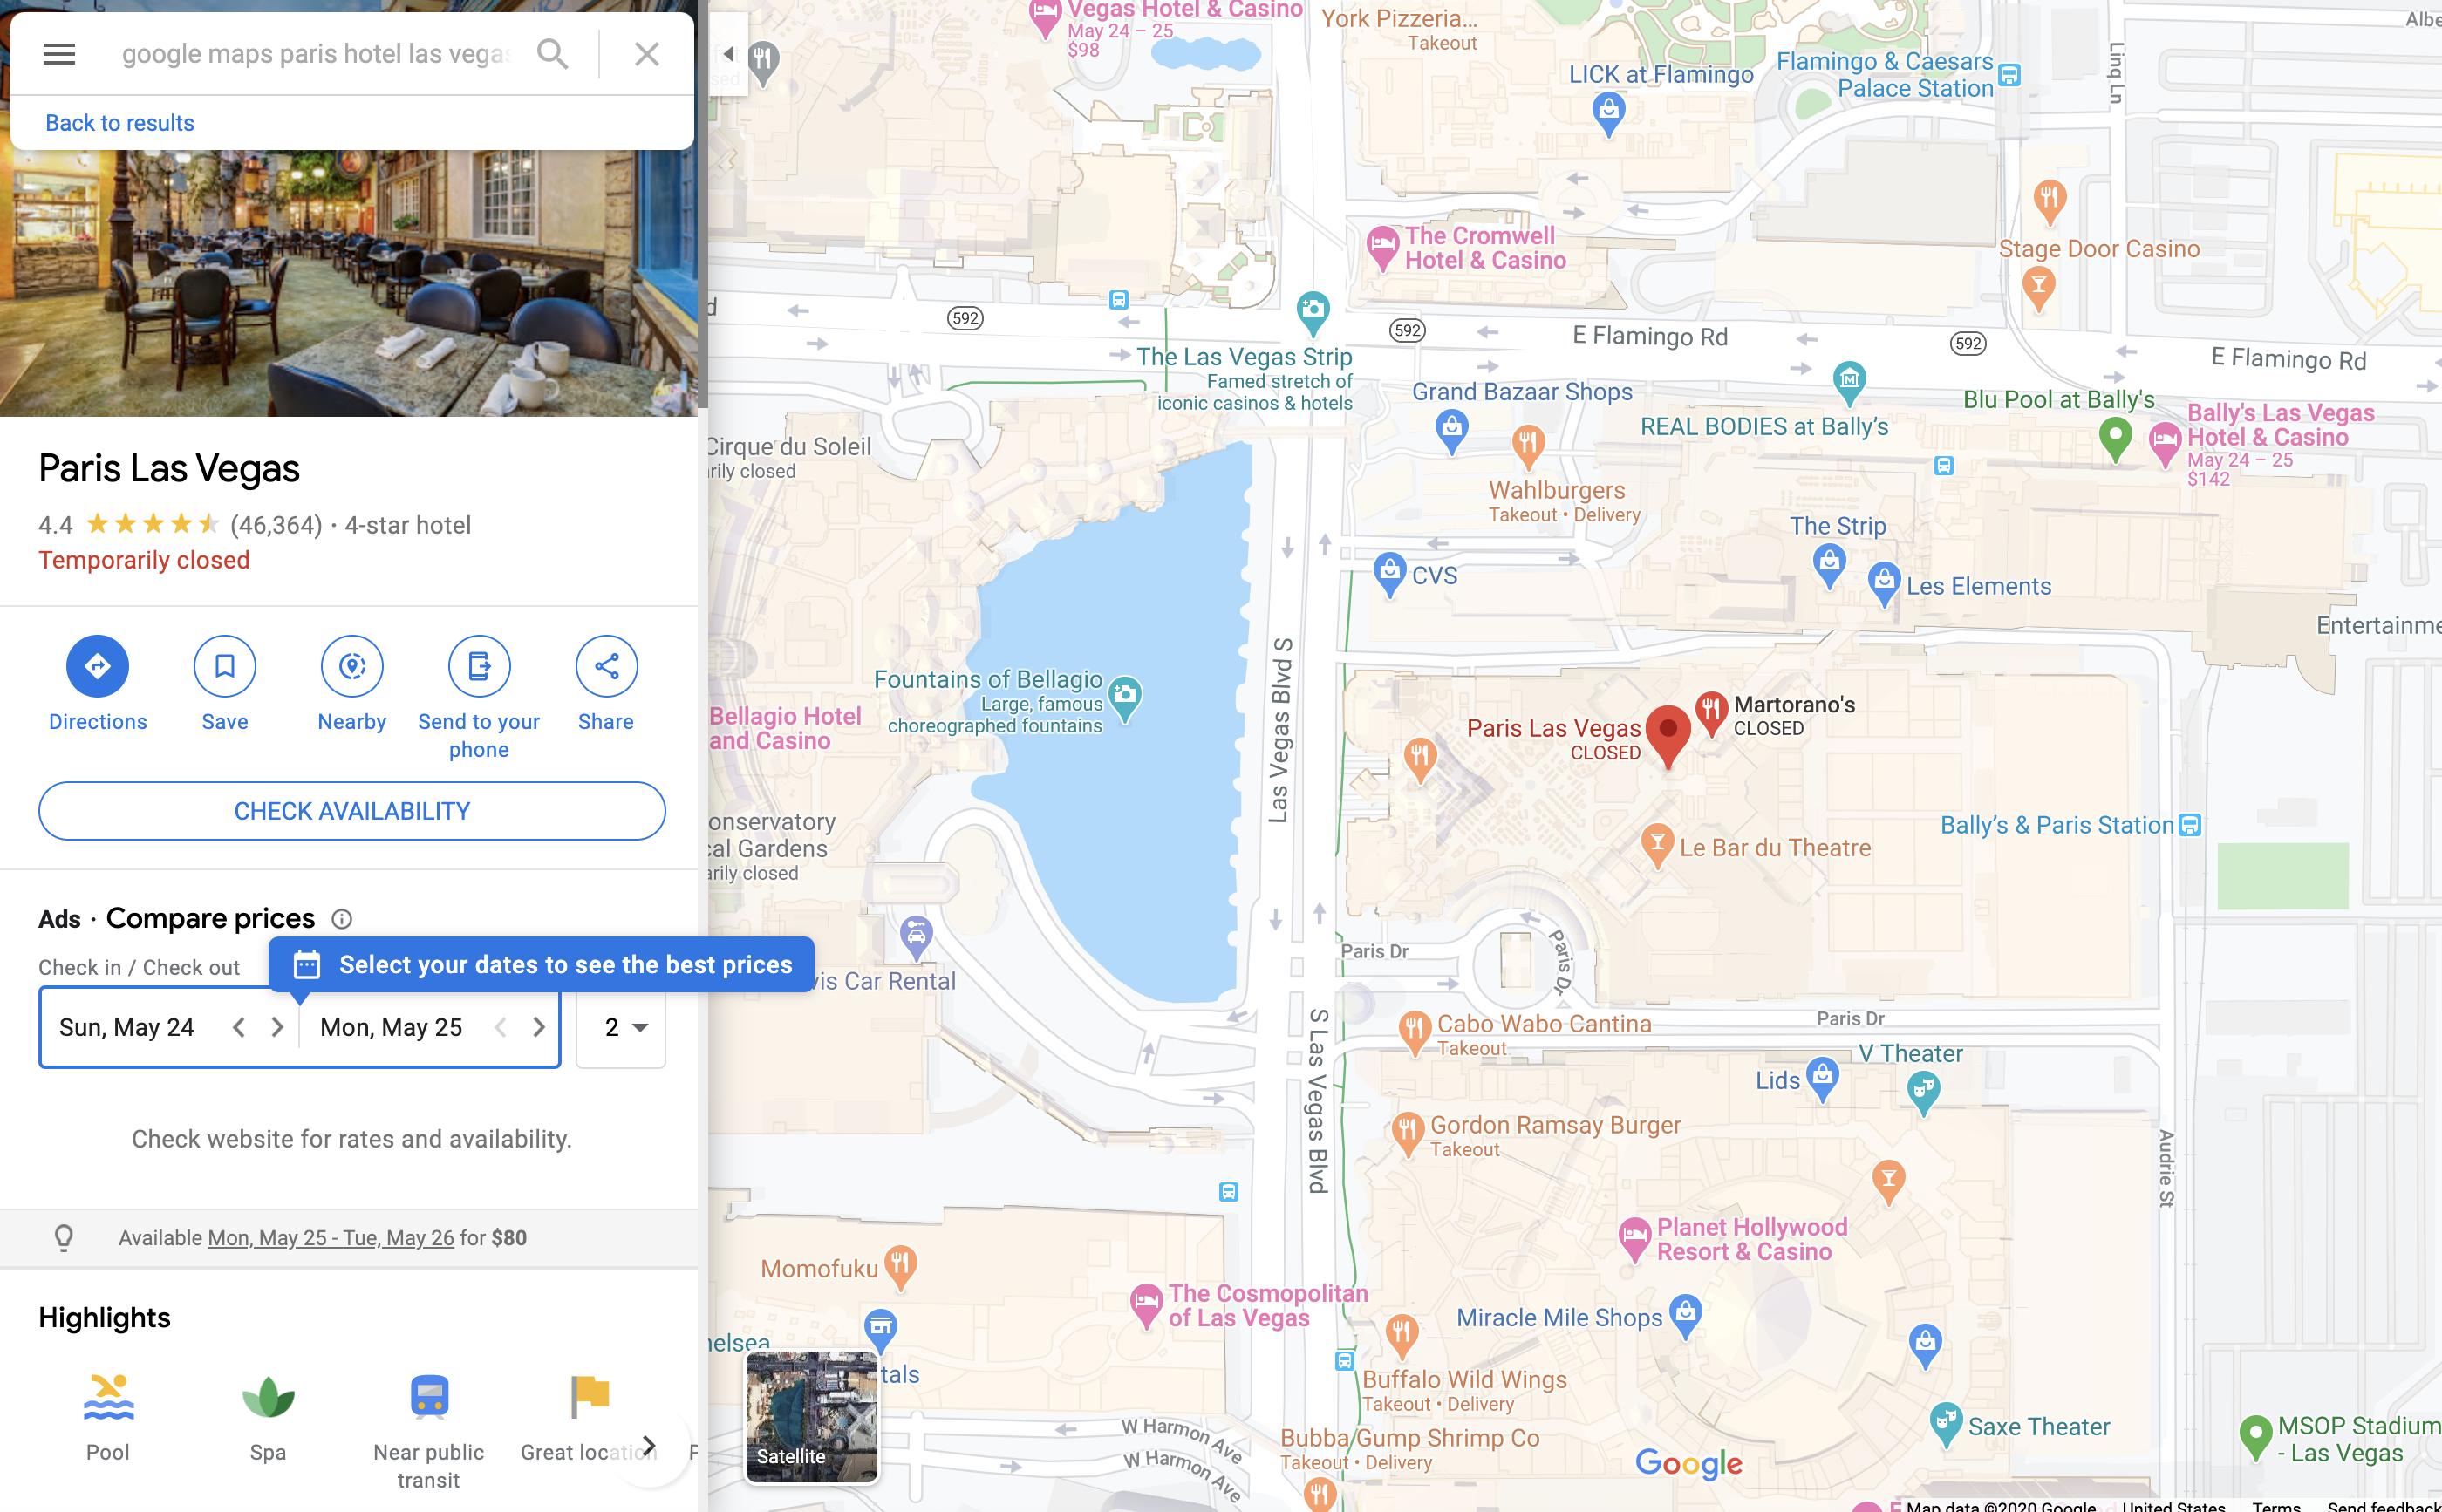 Google Maps: Paris Hotel & Casino (2020)